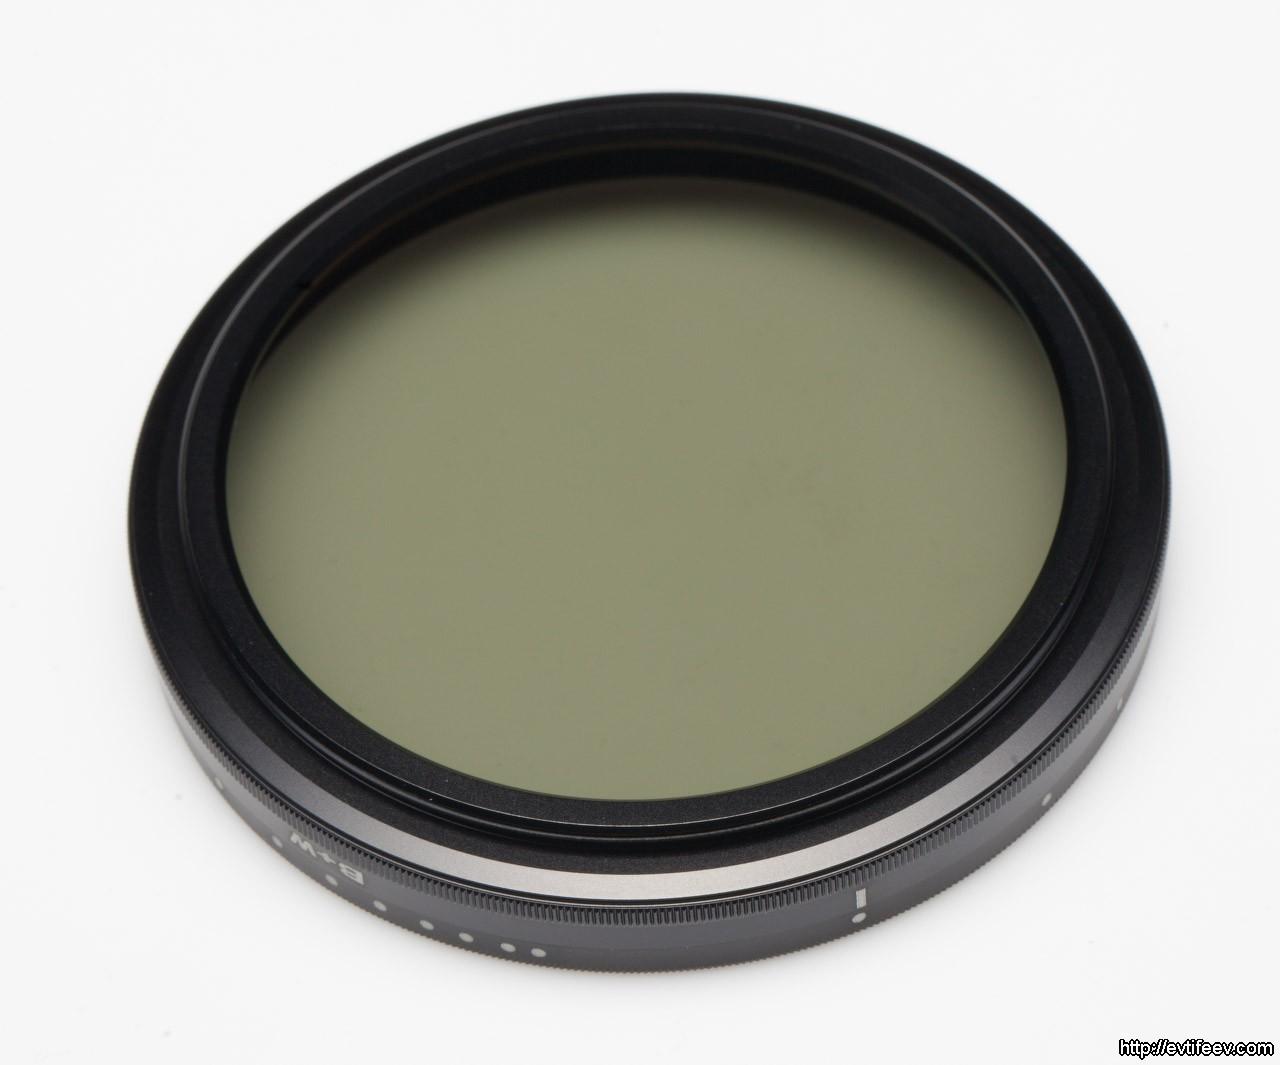 Обзор и тестирование фильтра B+W XS-Pro Digital ND Vario MRC nano